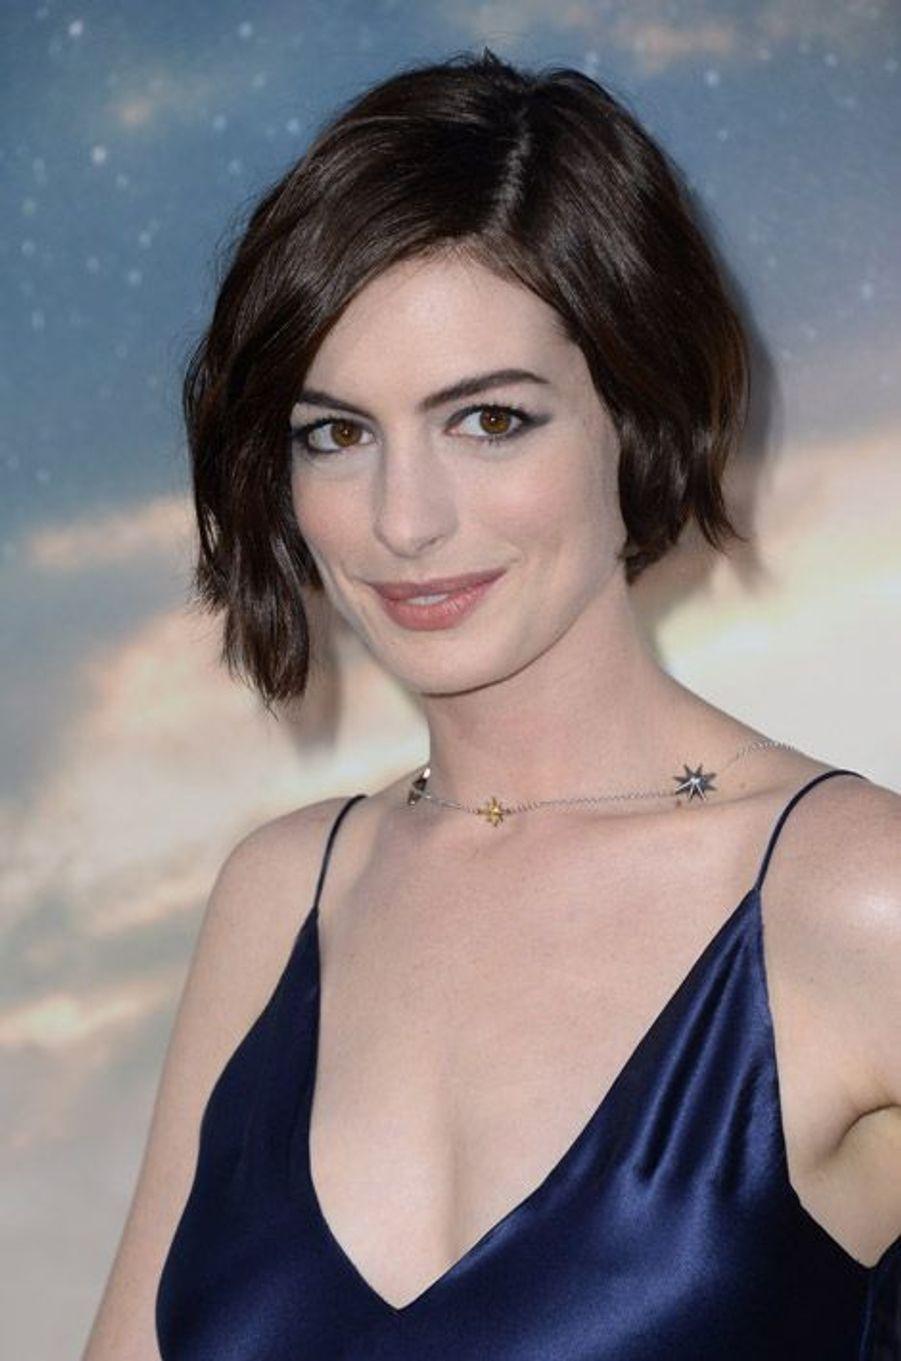 L'actrice Anne Hathaway et son carré court ondulé